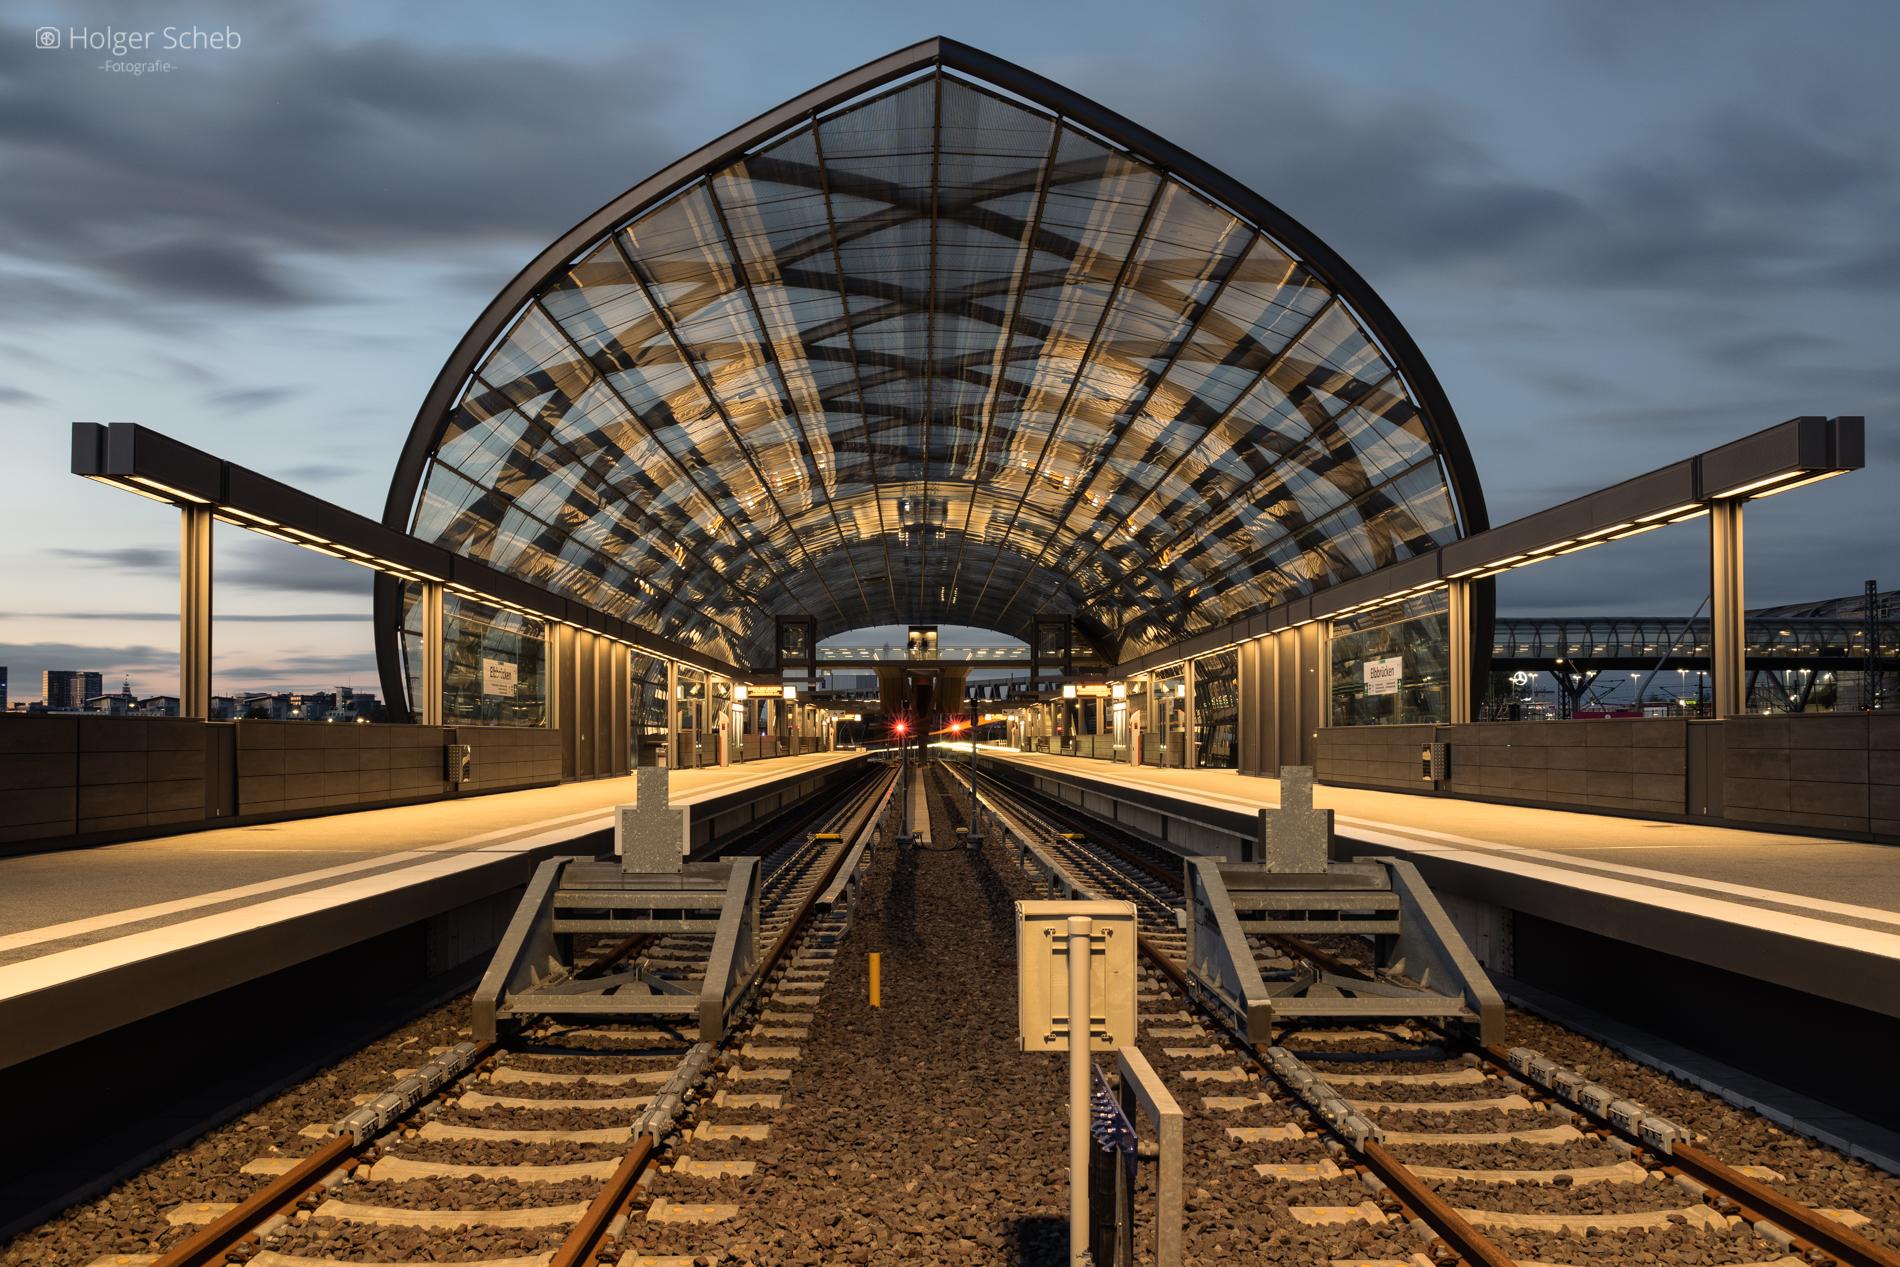 Station Elbbrücken